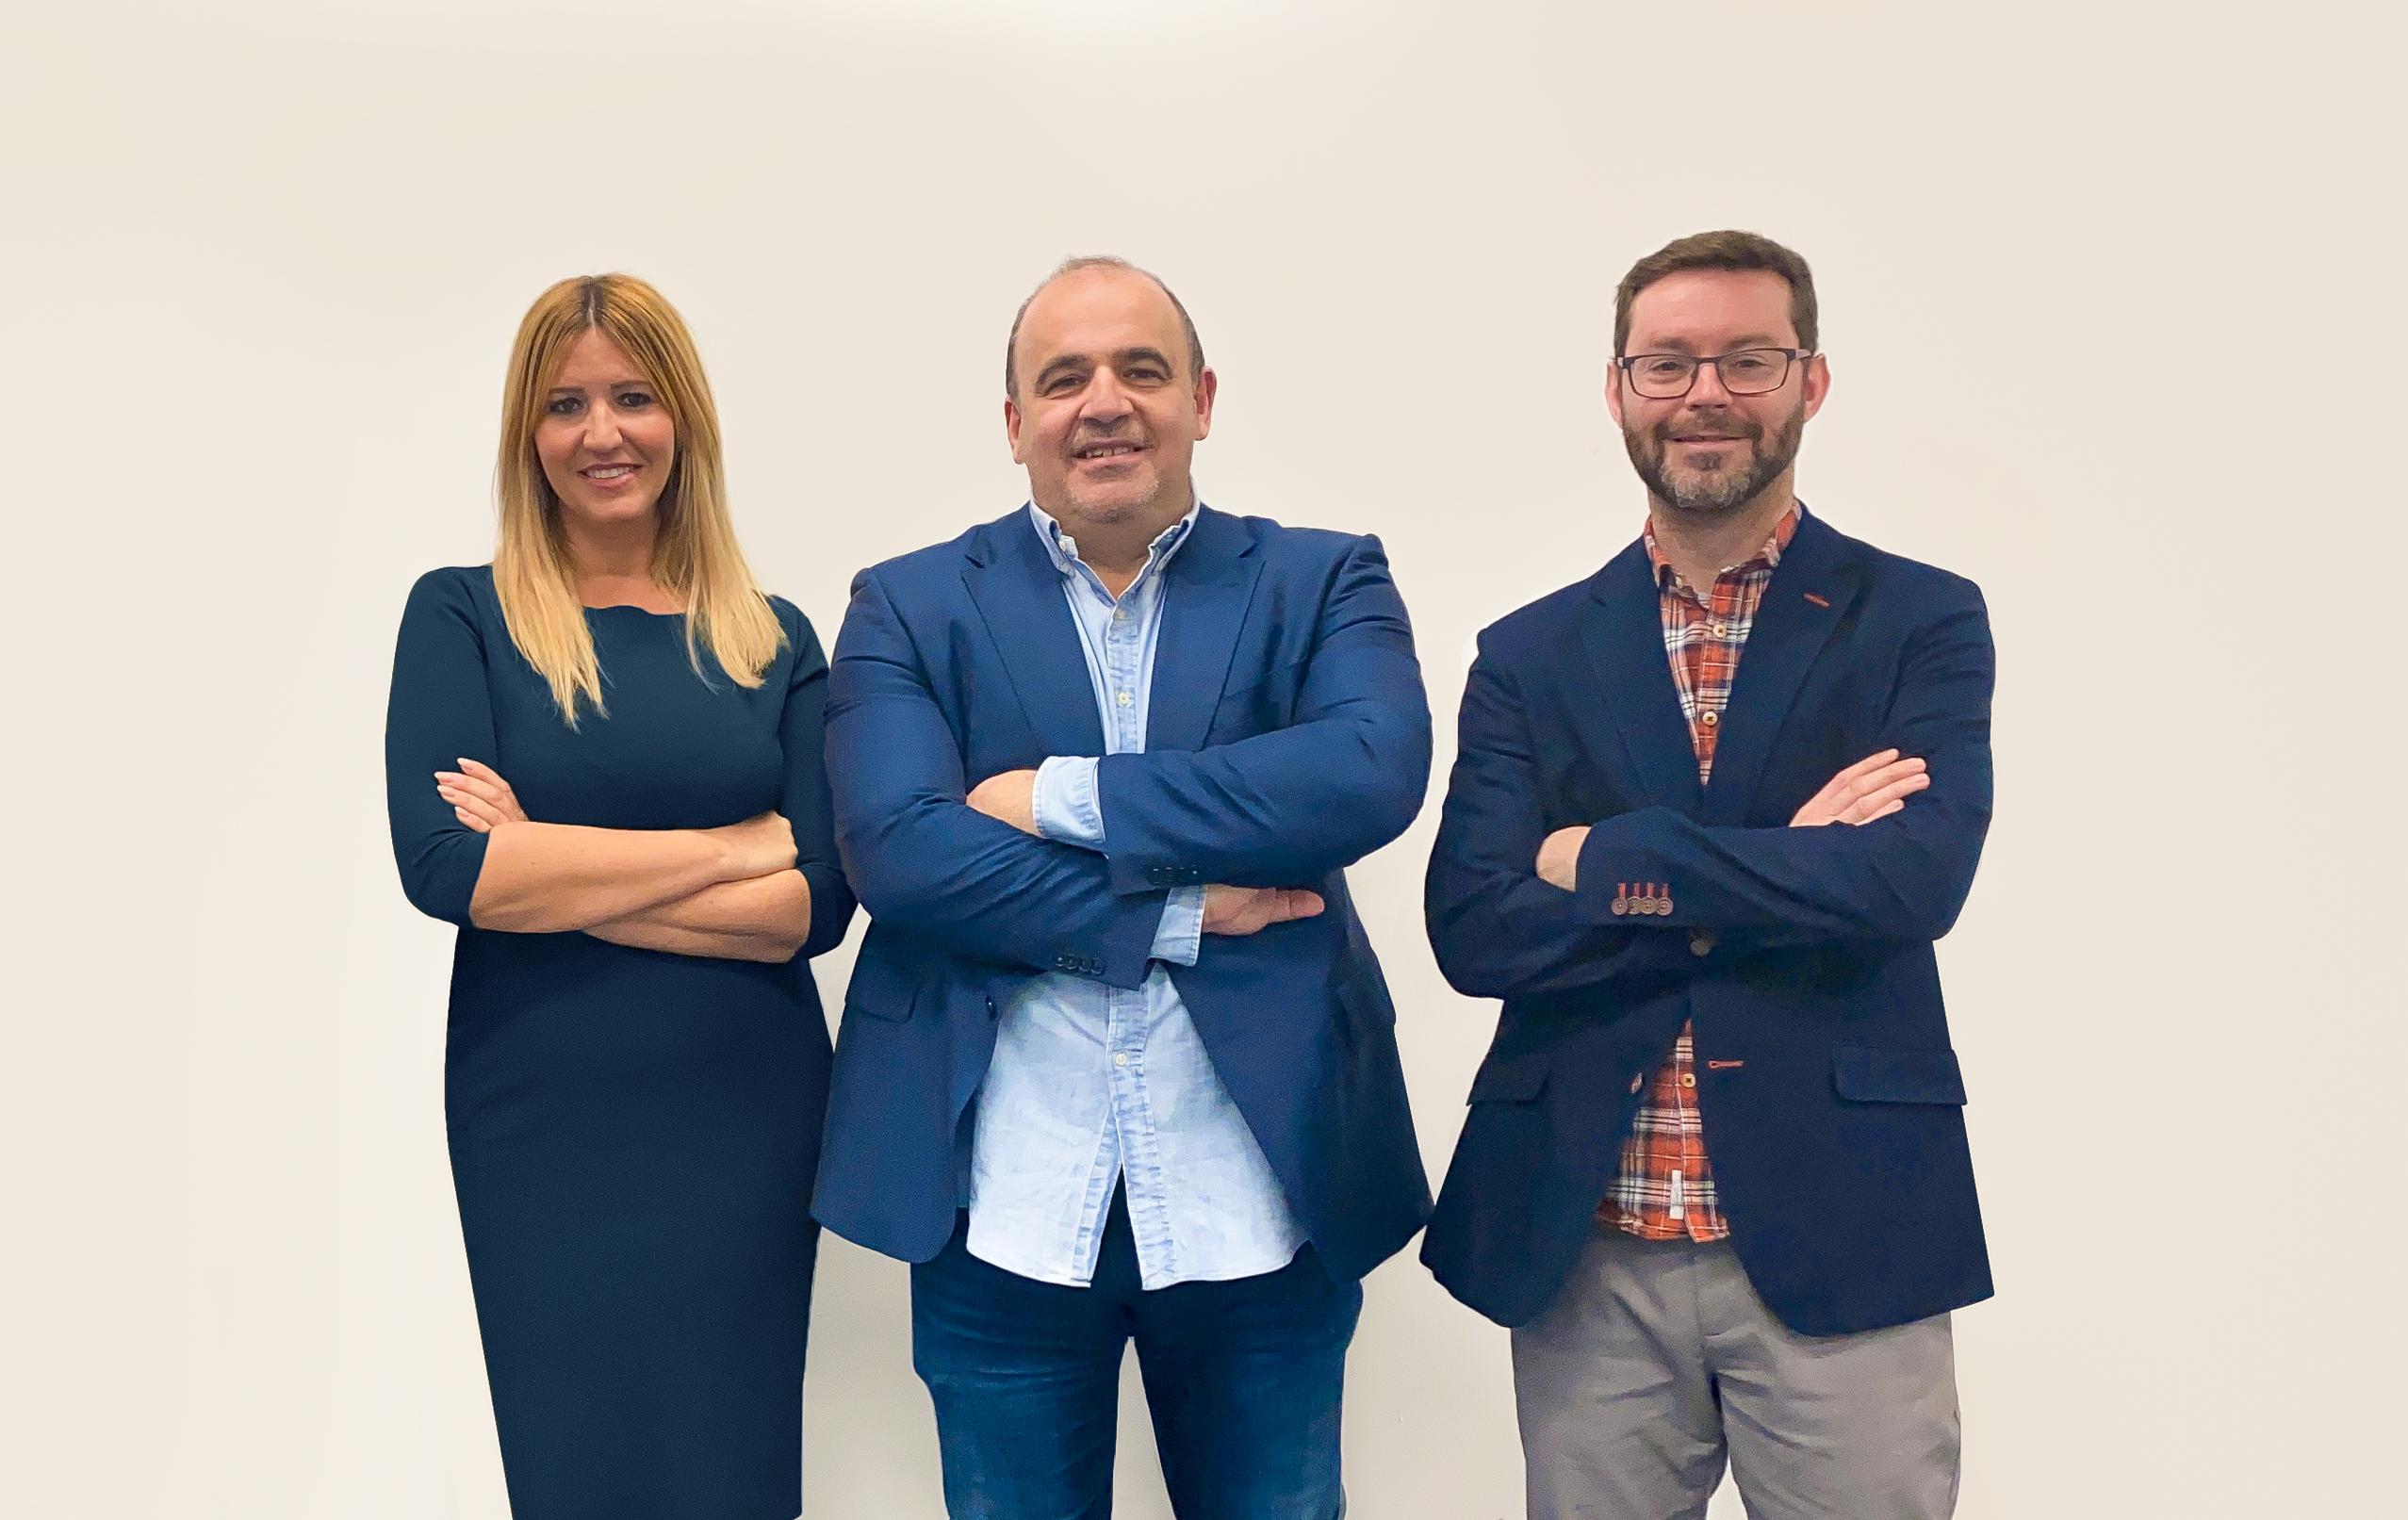 Finteca consigue 750.000€ de inversión gracias a Archipiélago Next y SociosInversores.com